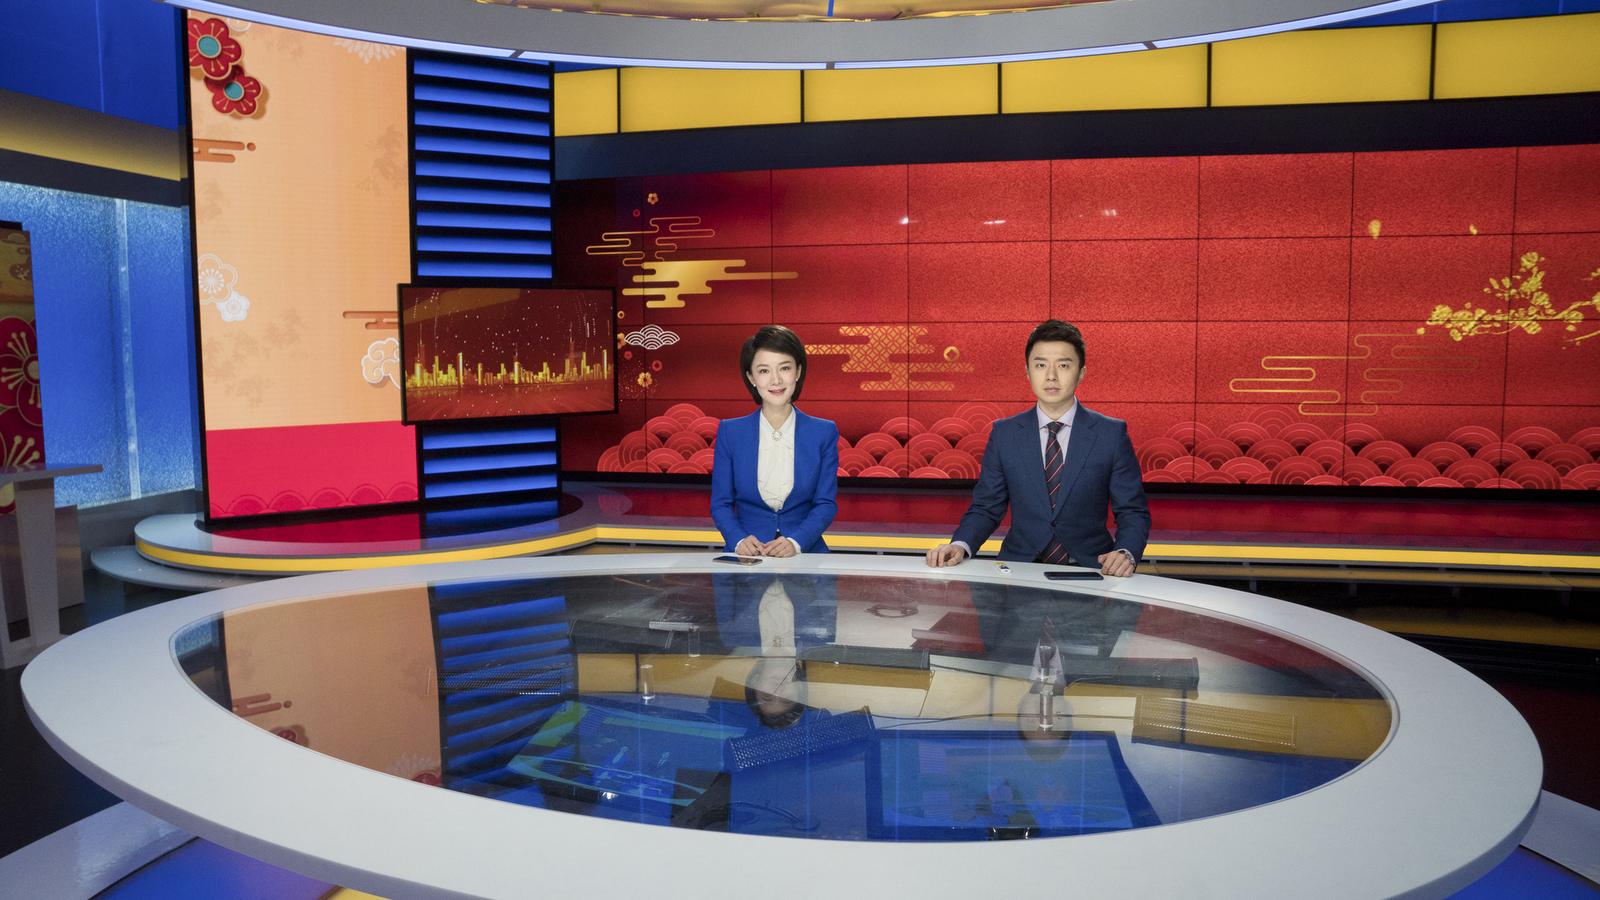 NCS_Beijing-Media-Group-BTV-studio_080